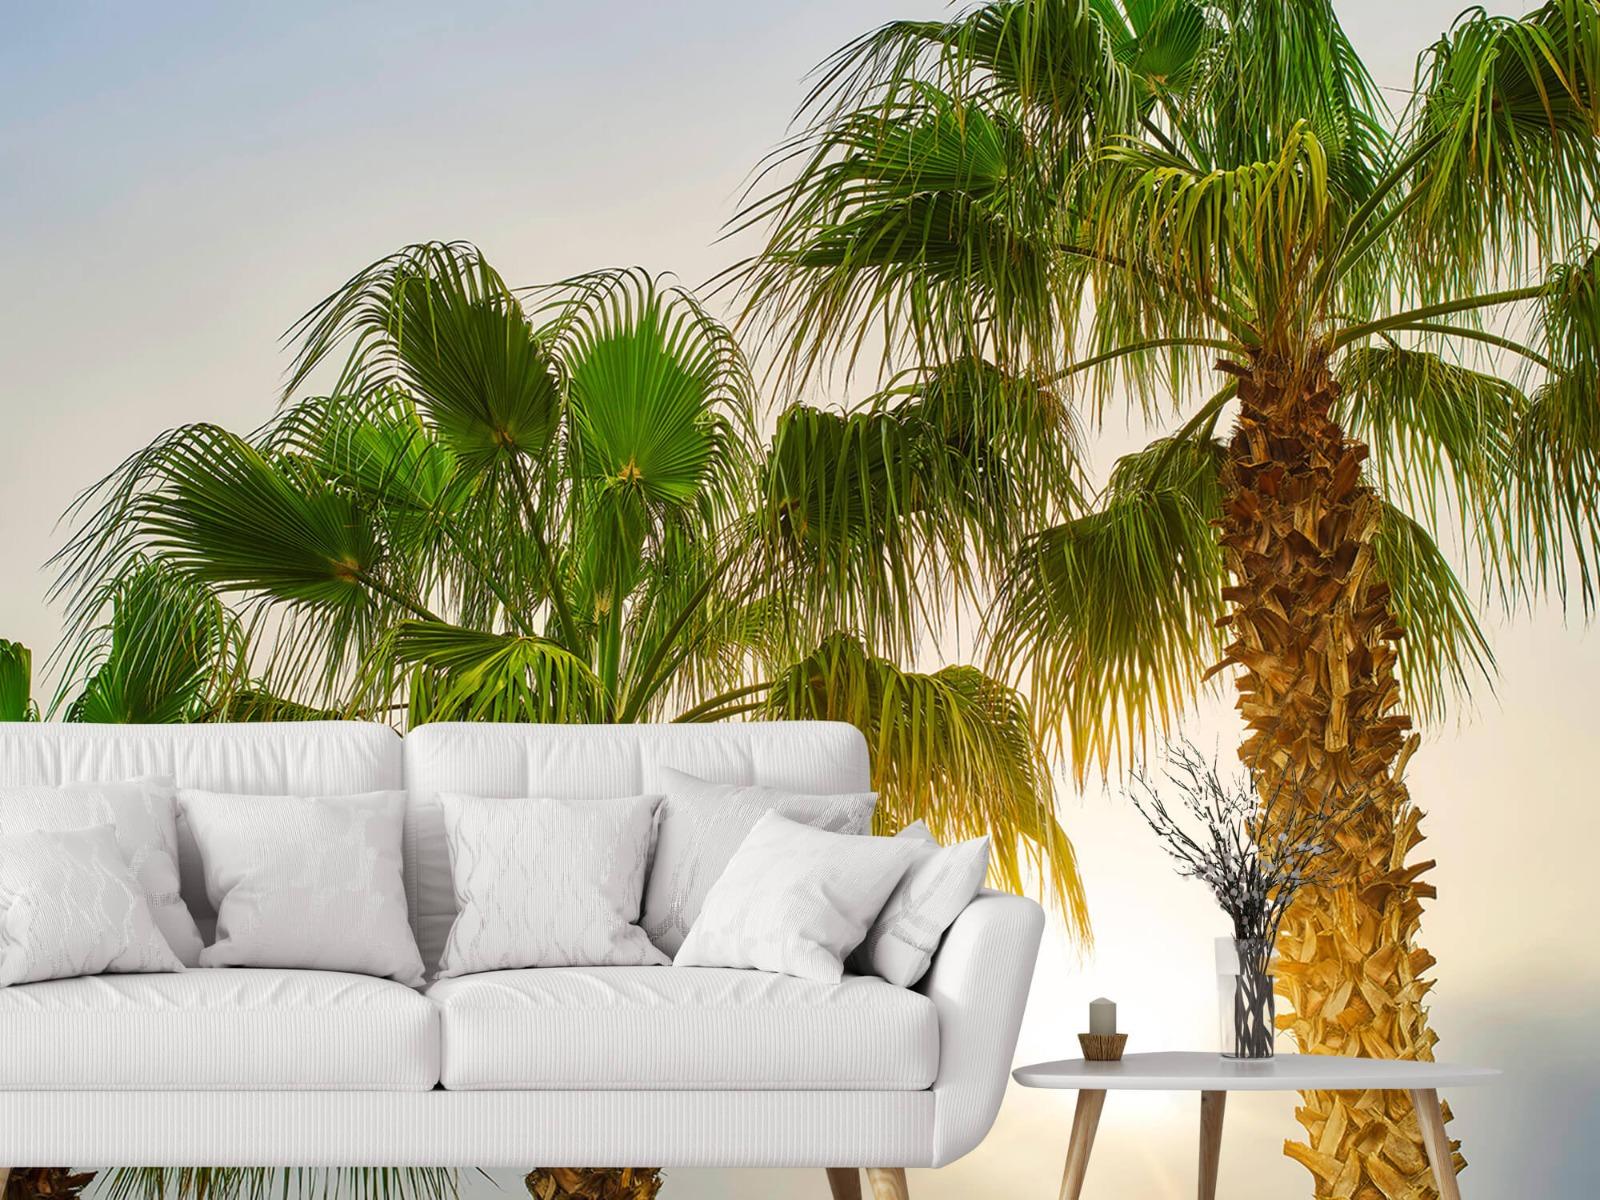 Palmbomen - Palmbomen met zon - Gang 3